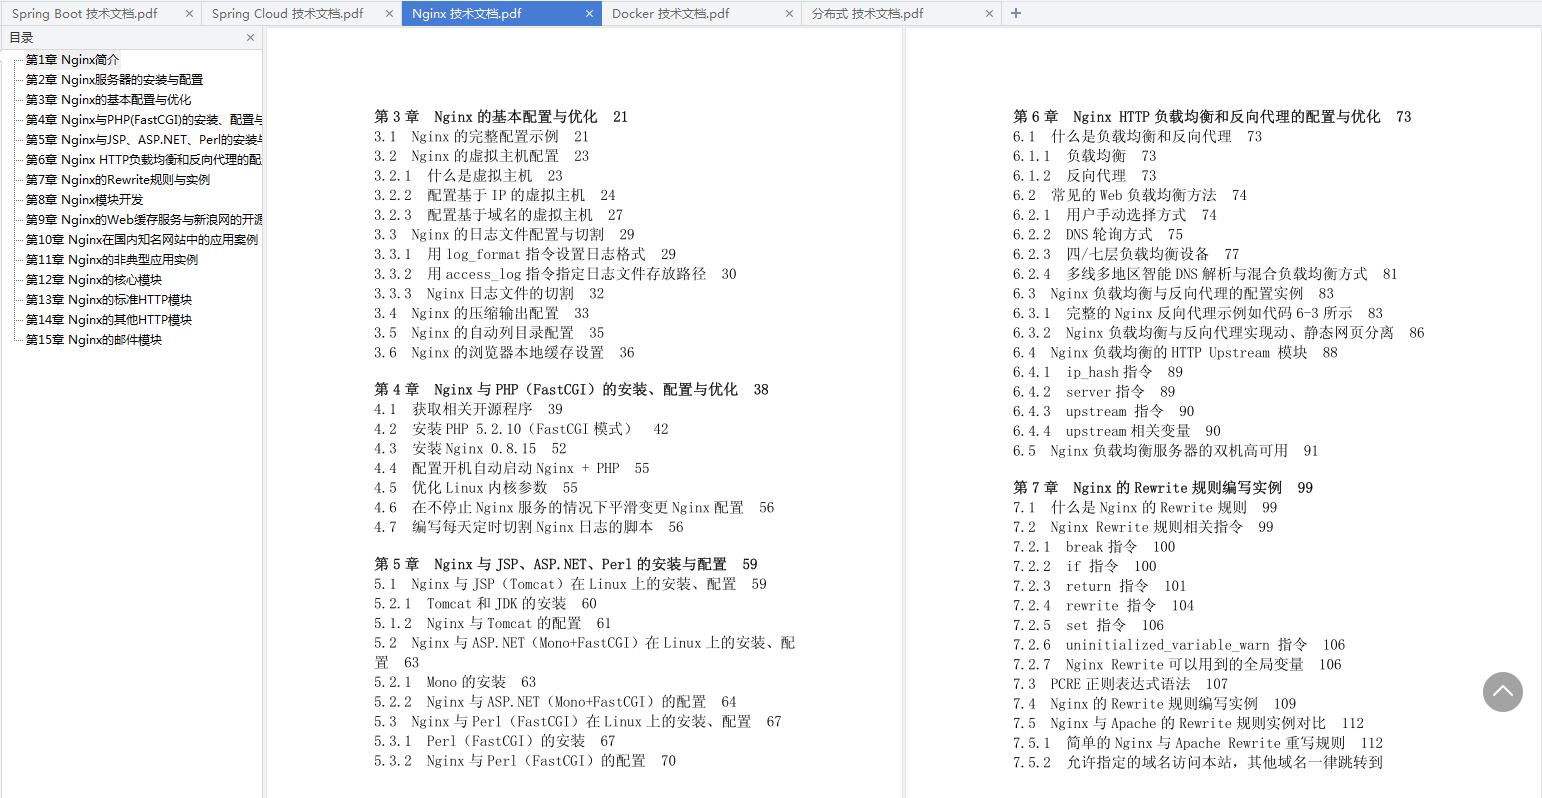 阿里巴巴架构实战:SpringBoot+SpringCloud+Docker+Nginx+分布式